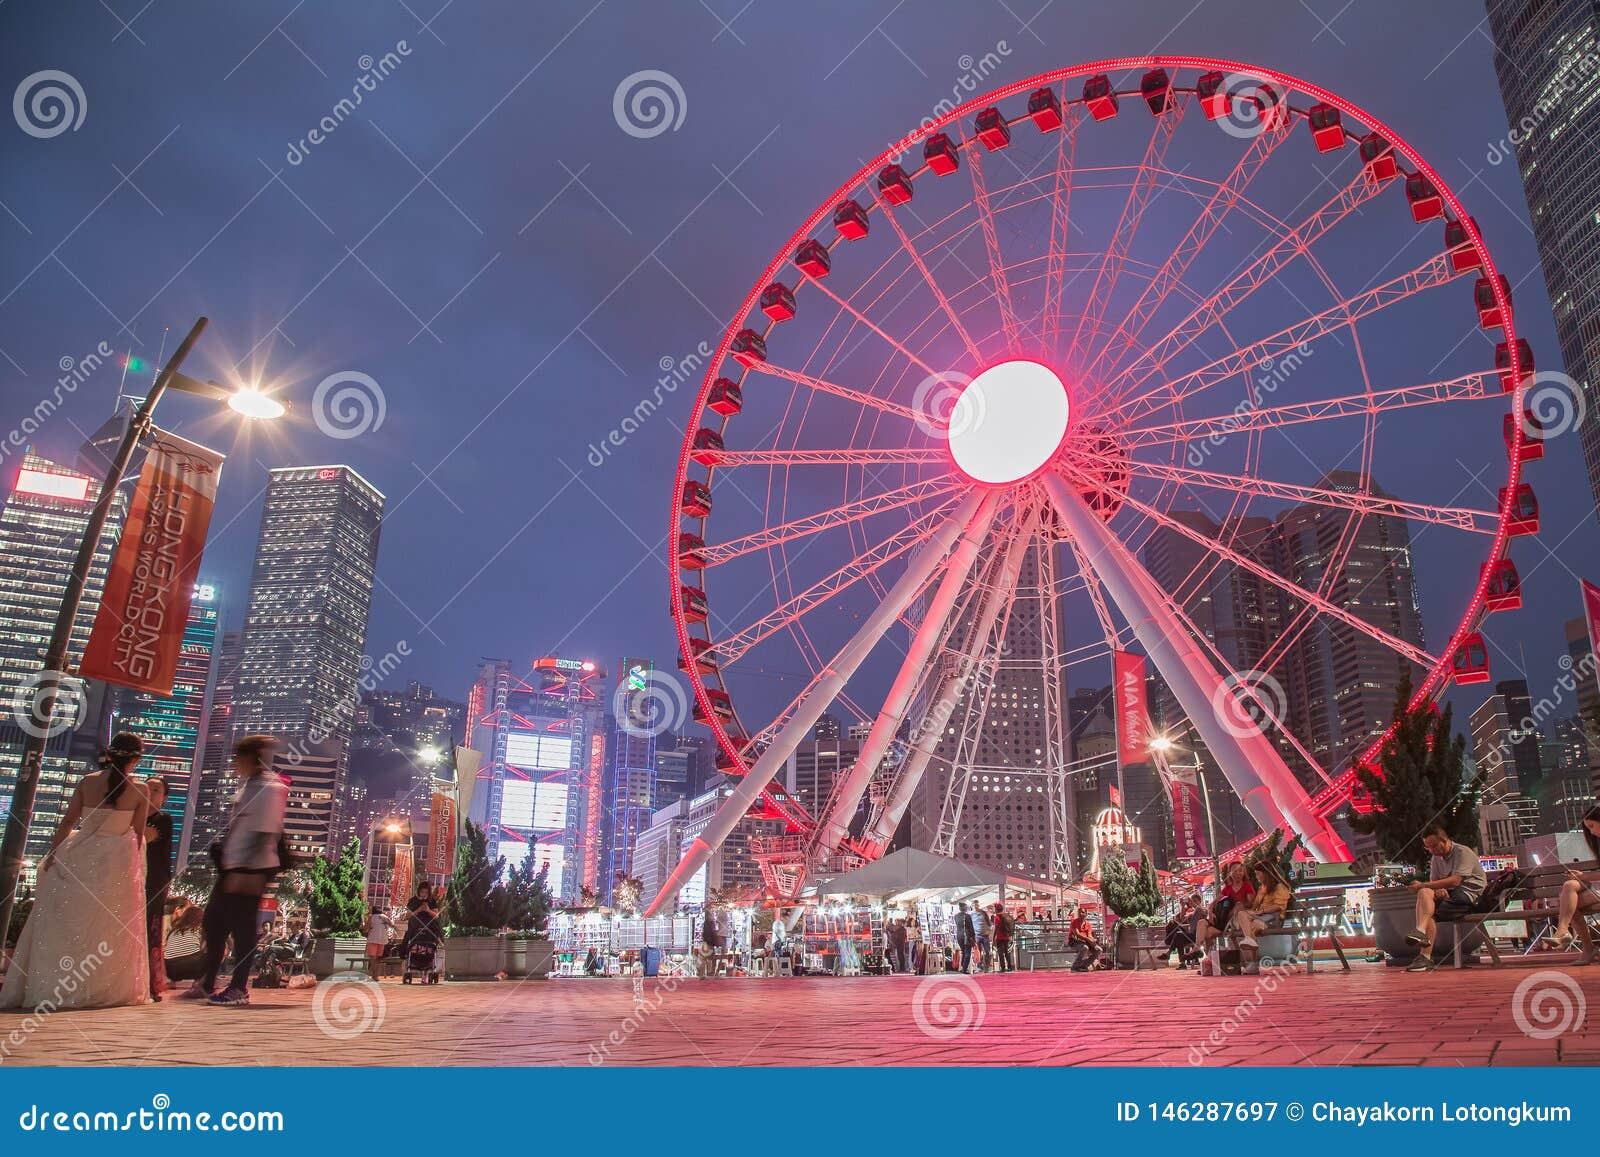 Hong Kong Observation Wheel en el parque de la vitalidad de AYA, isla de Hong Kong